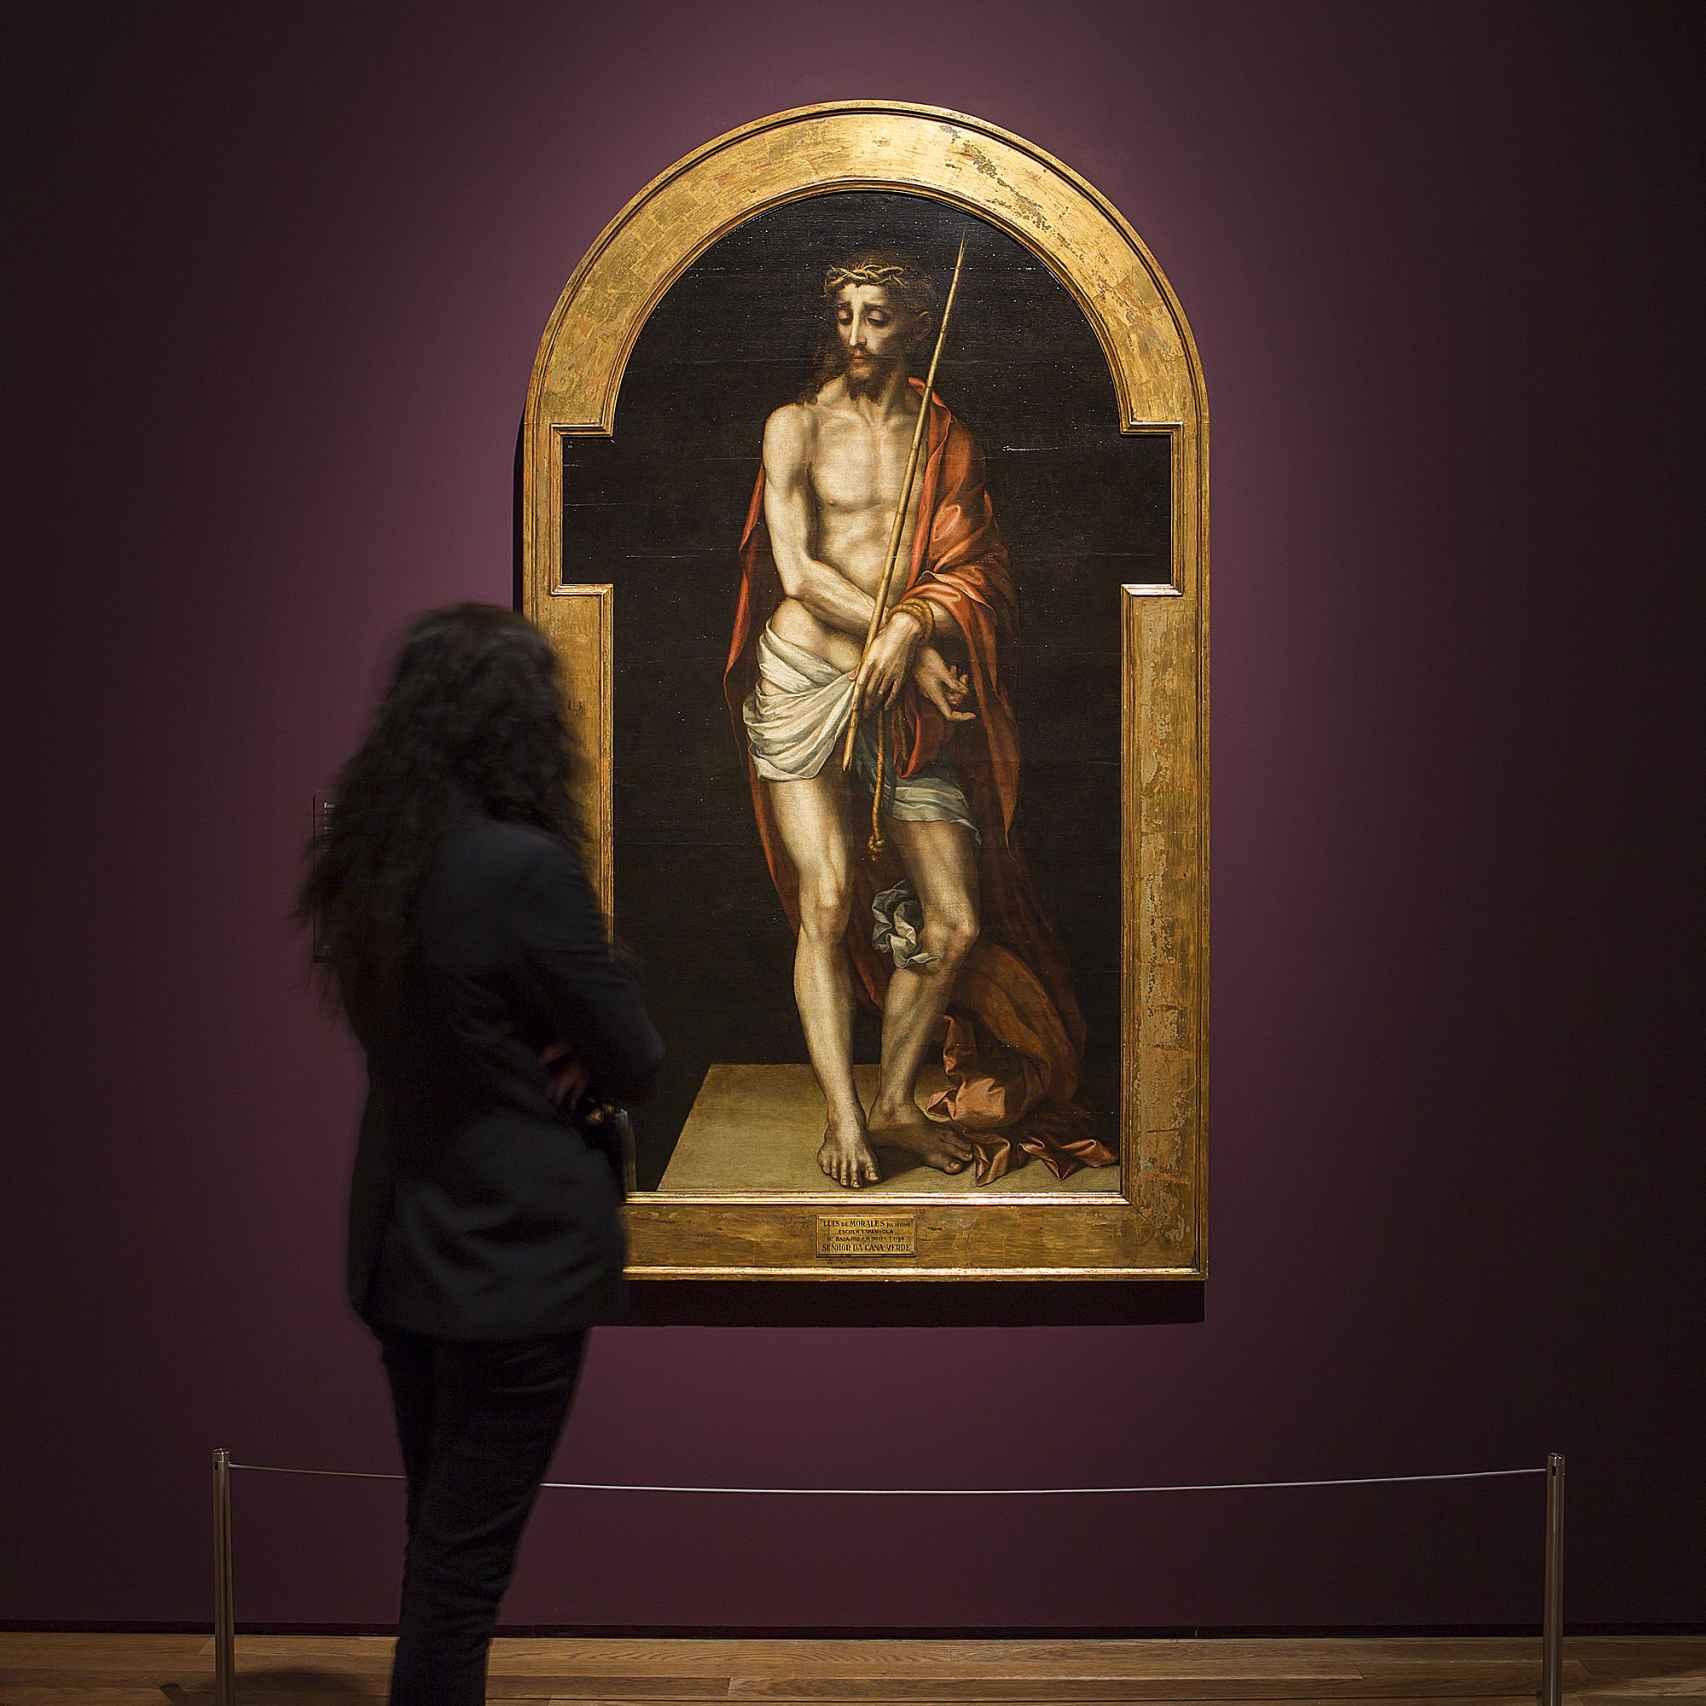 Una visitante ante uno de los cuadros de la exposición del Museo del Prado.